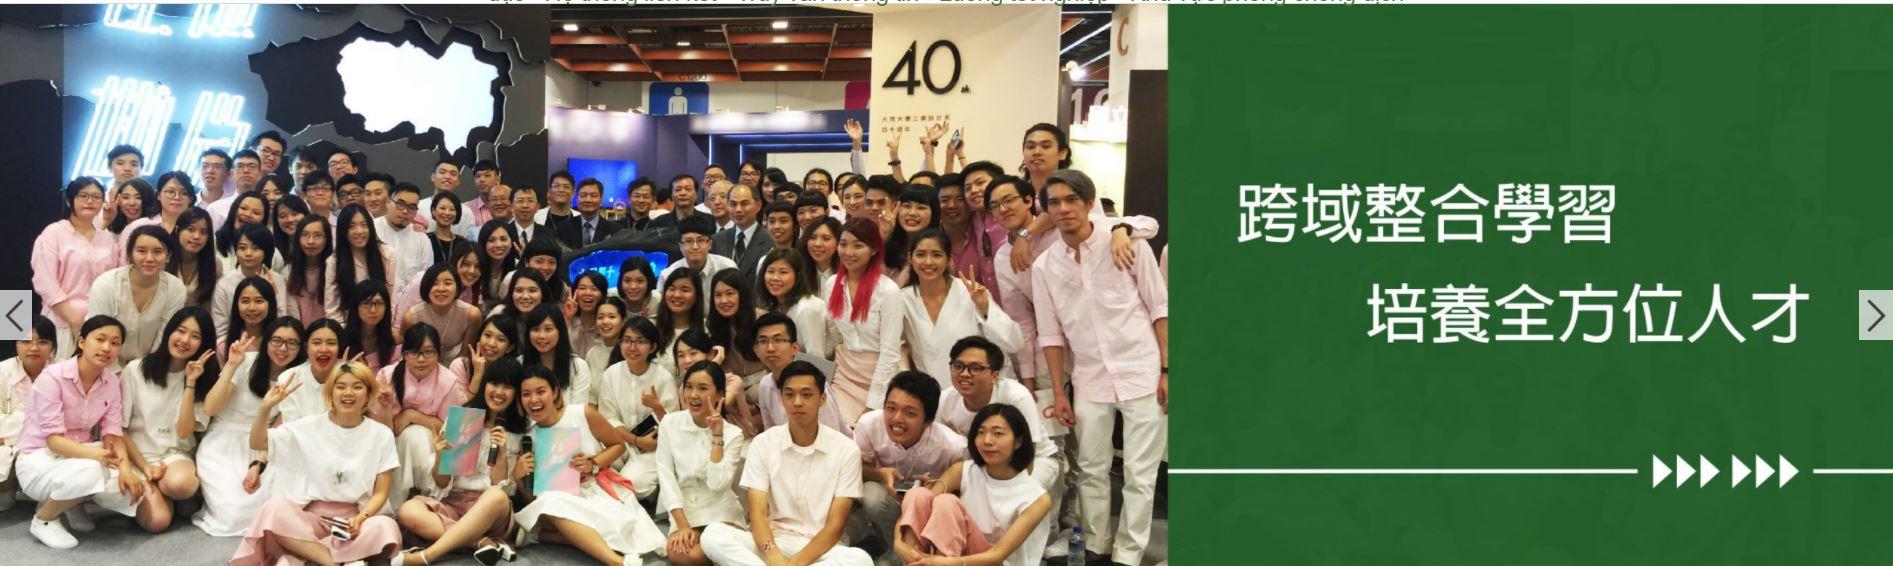 Đại Đồng là trường đại học uy tín được nhiều sinh viên theo học